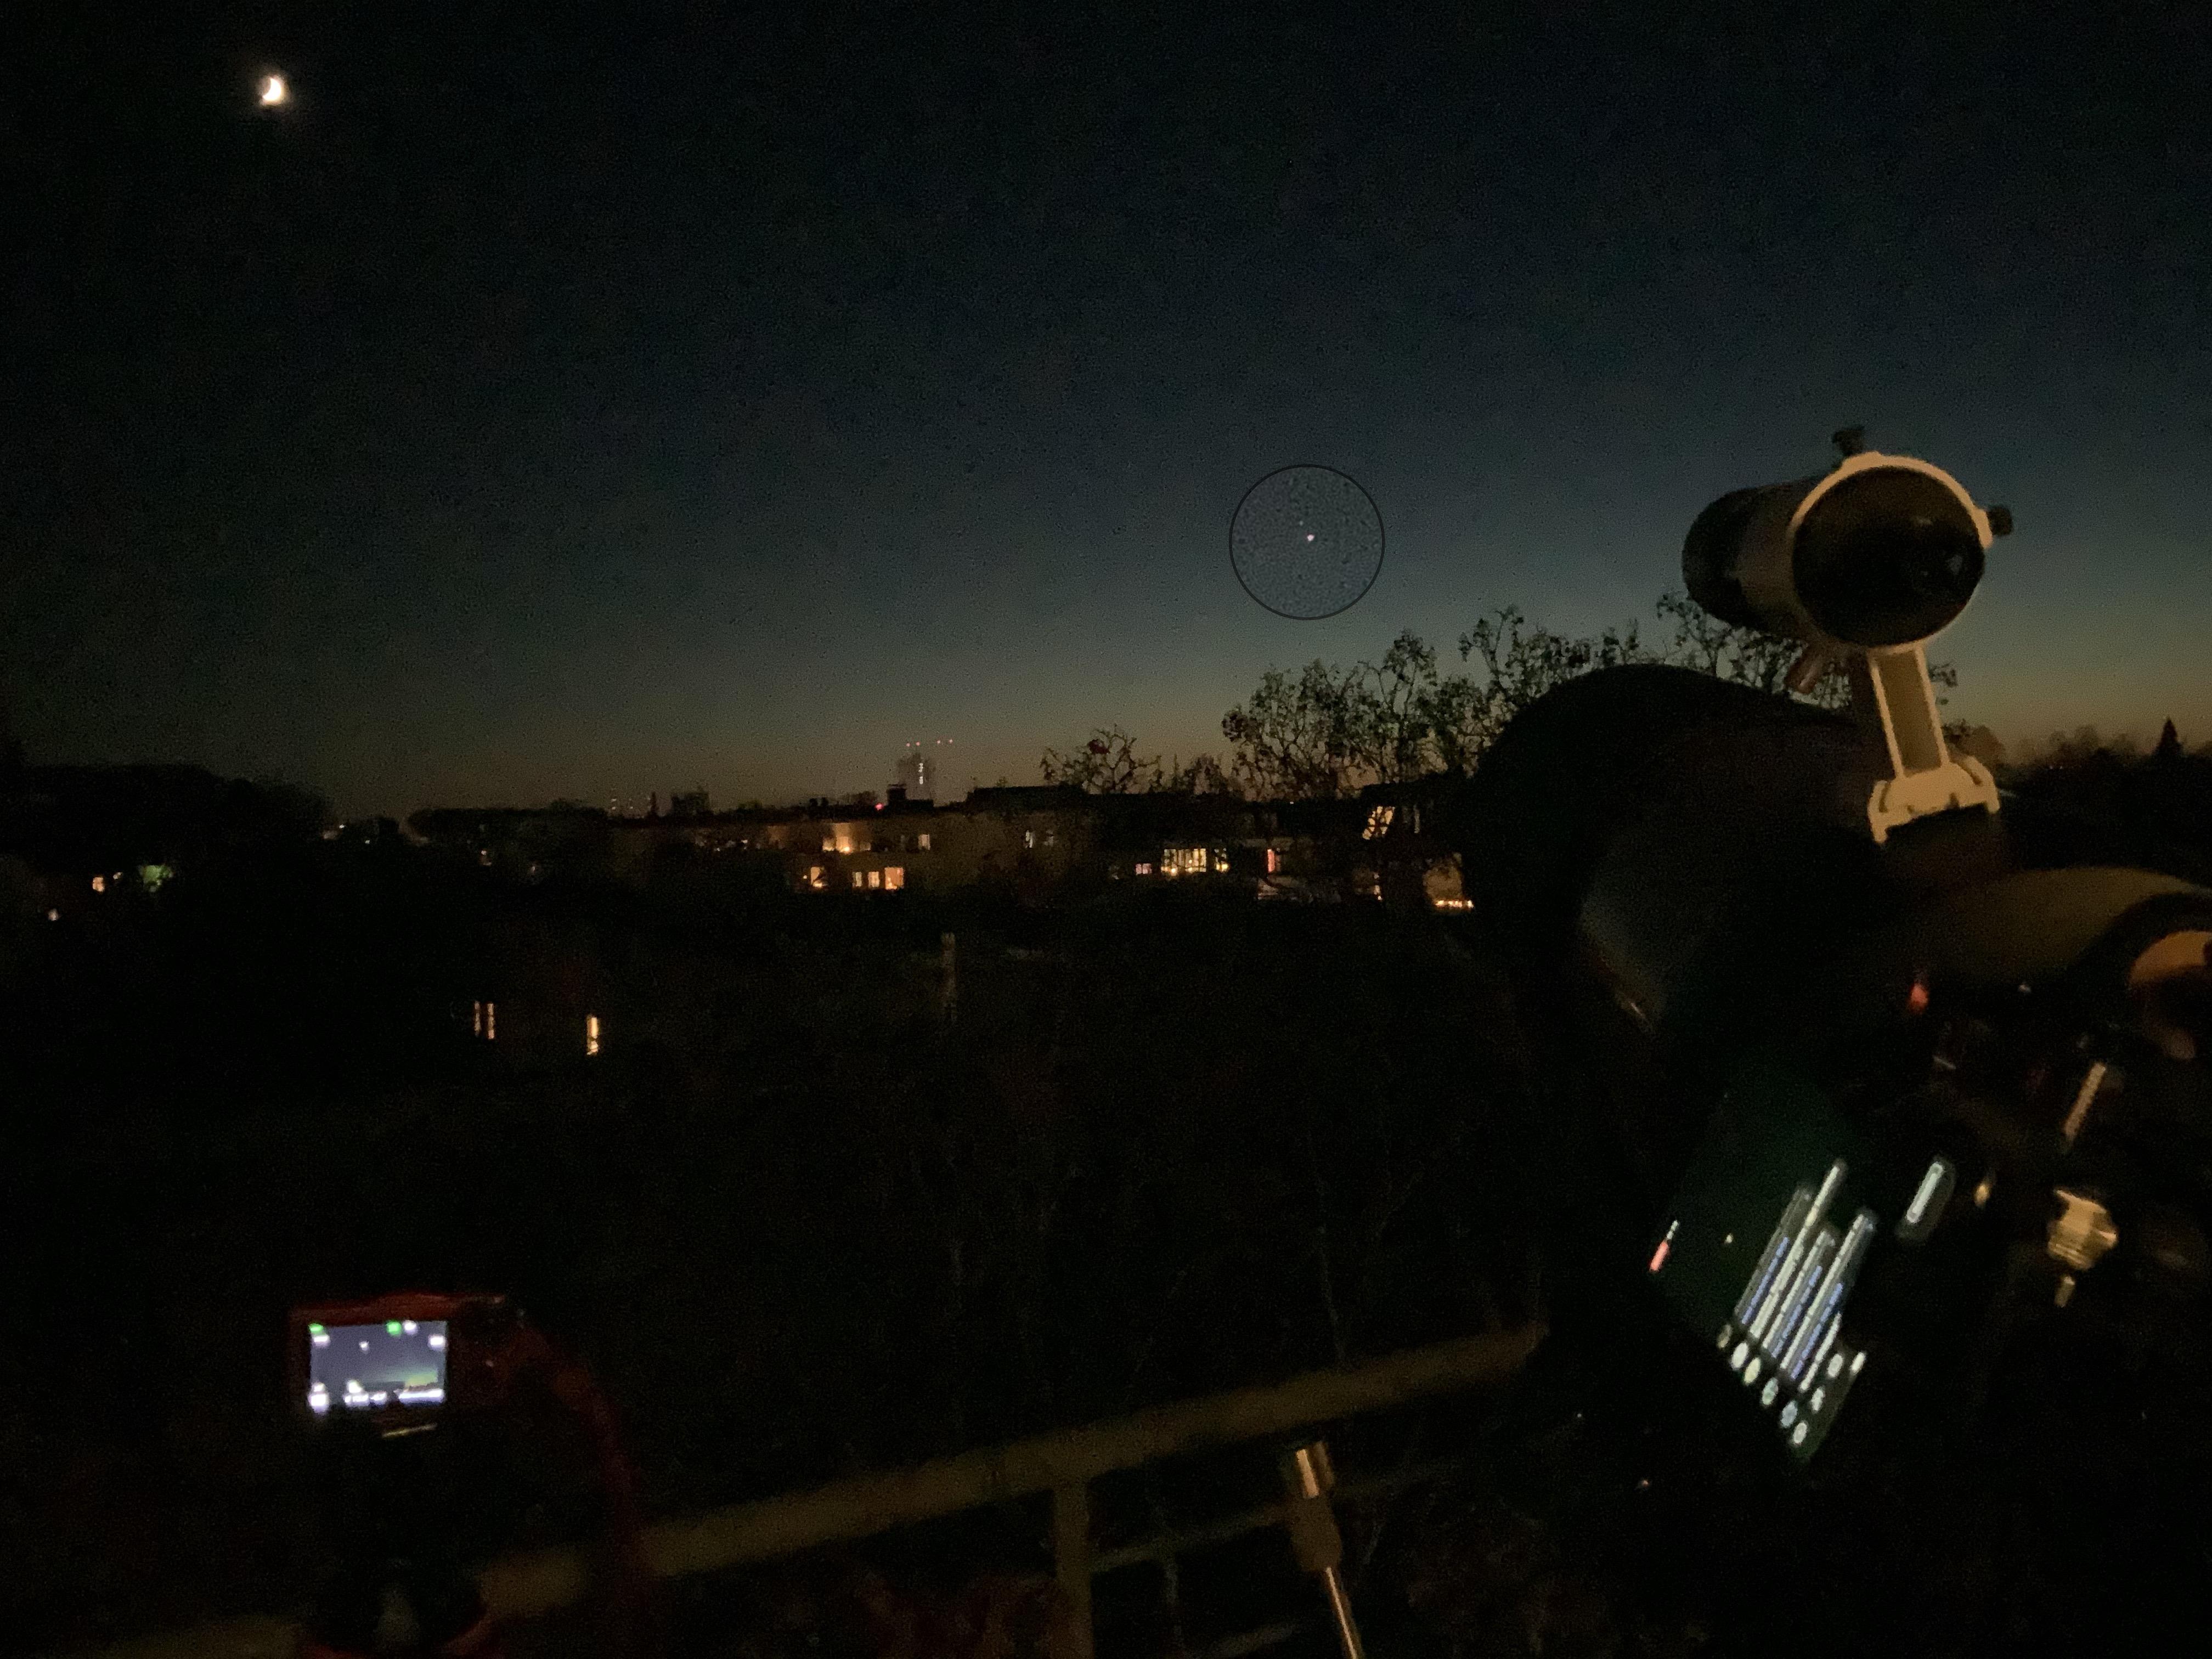 Teleskop mit Smartphone Live-Übertragung von Jupiter und Saturn